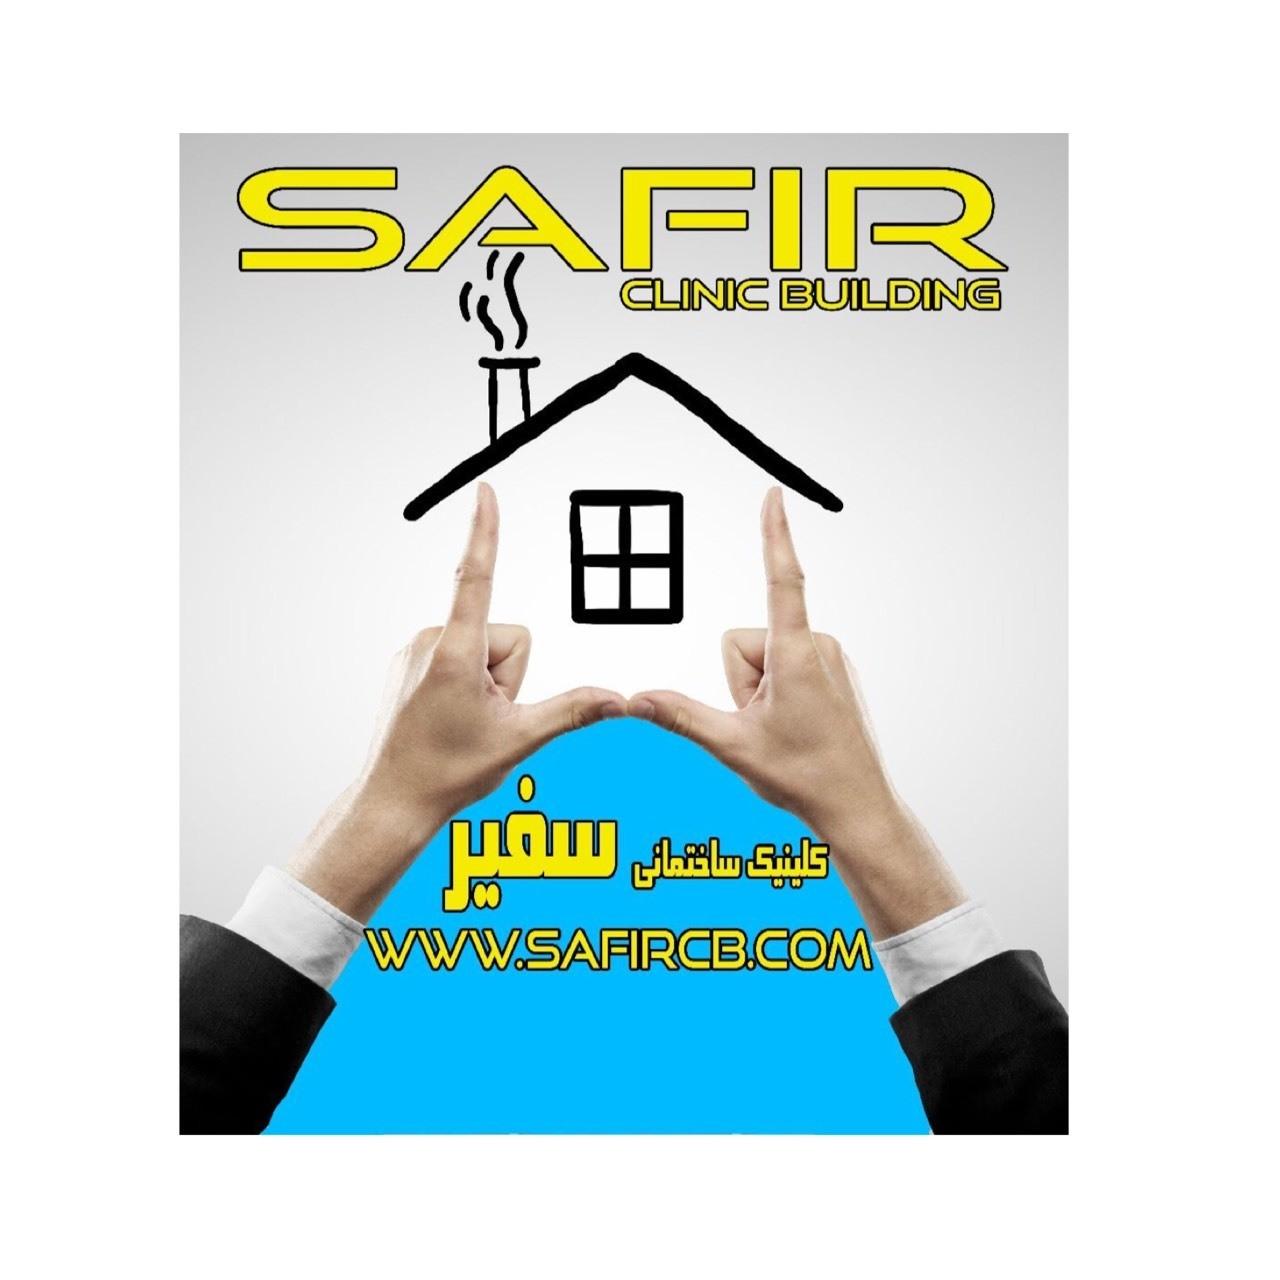 www.safircb.com